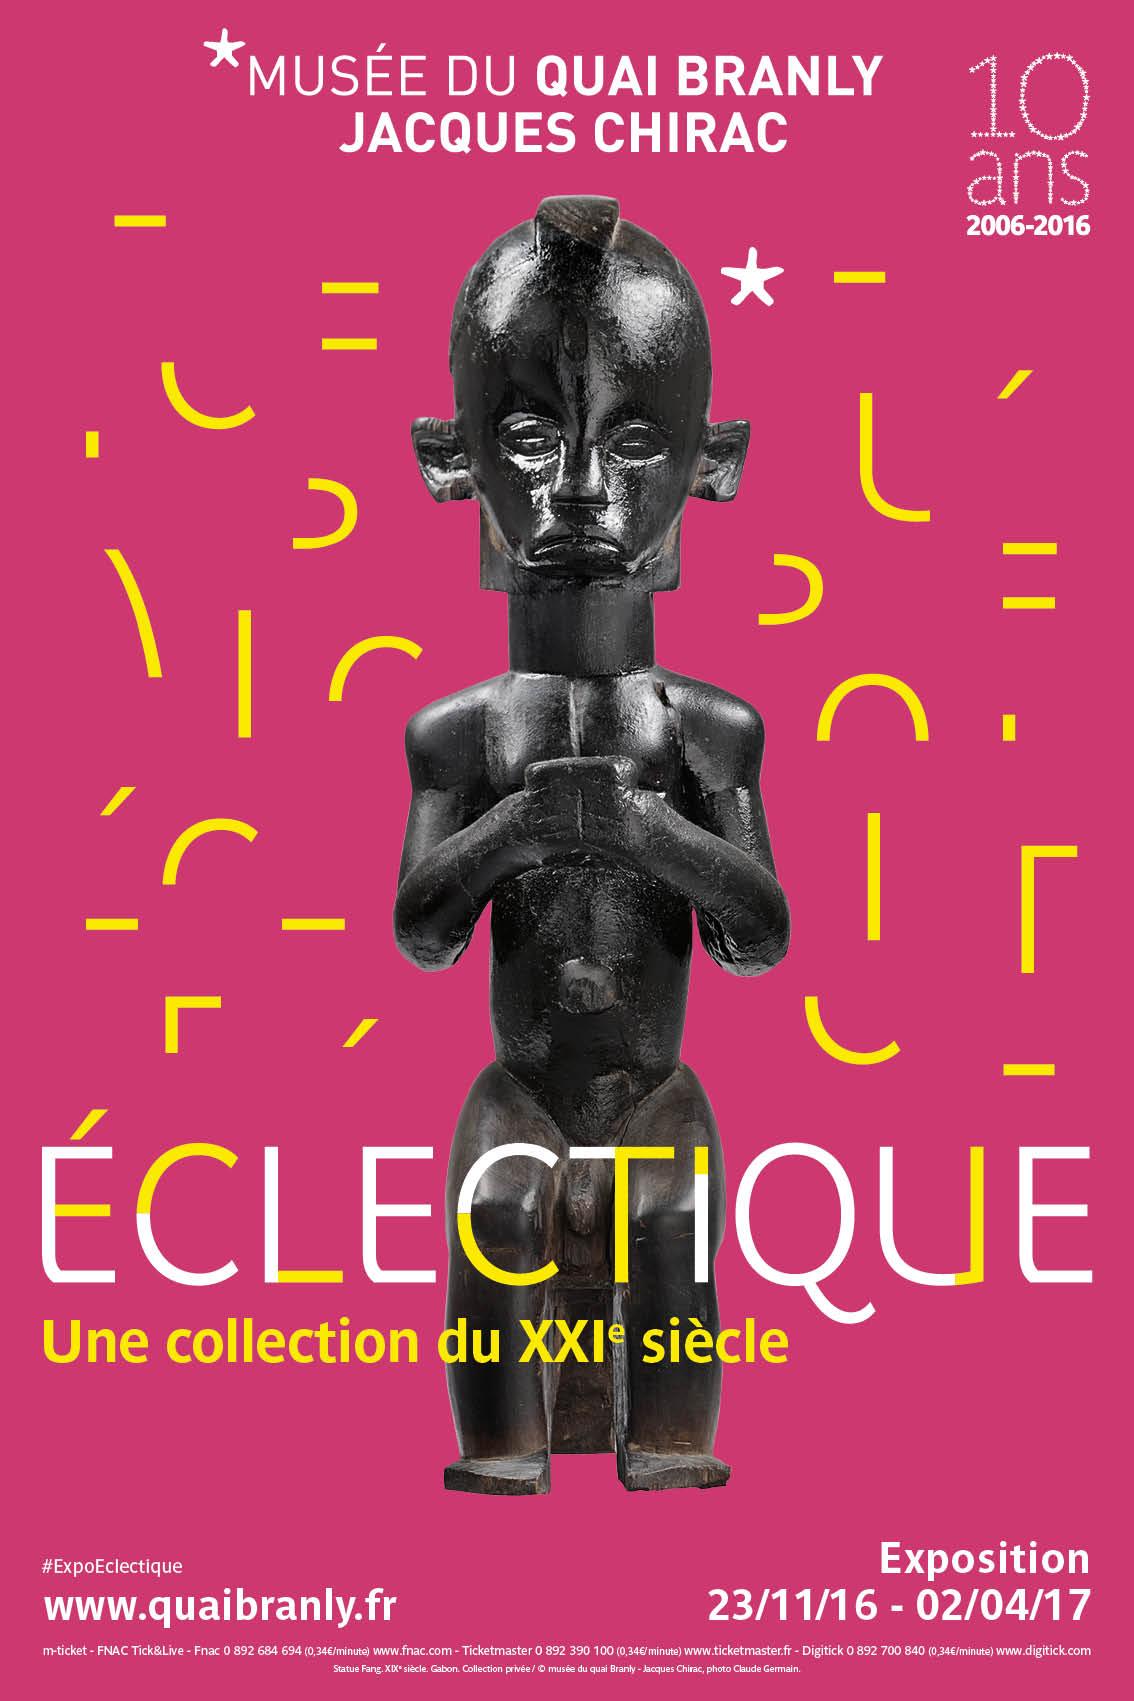 Musée du quai Branly presents Eclectic: A 21st Century Collection